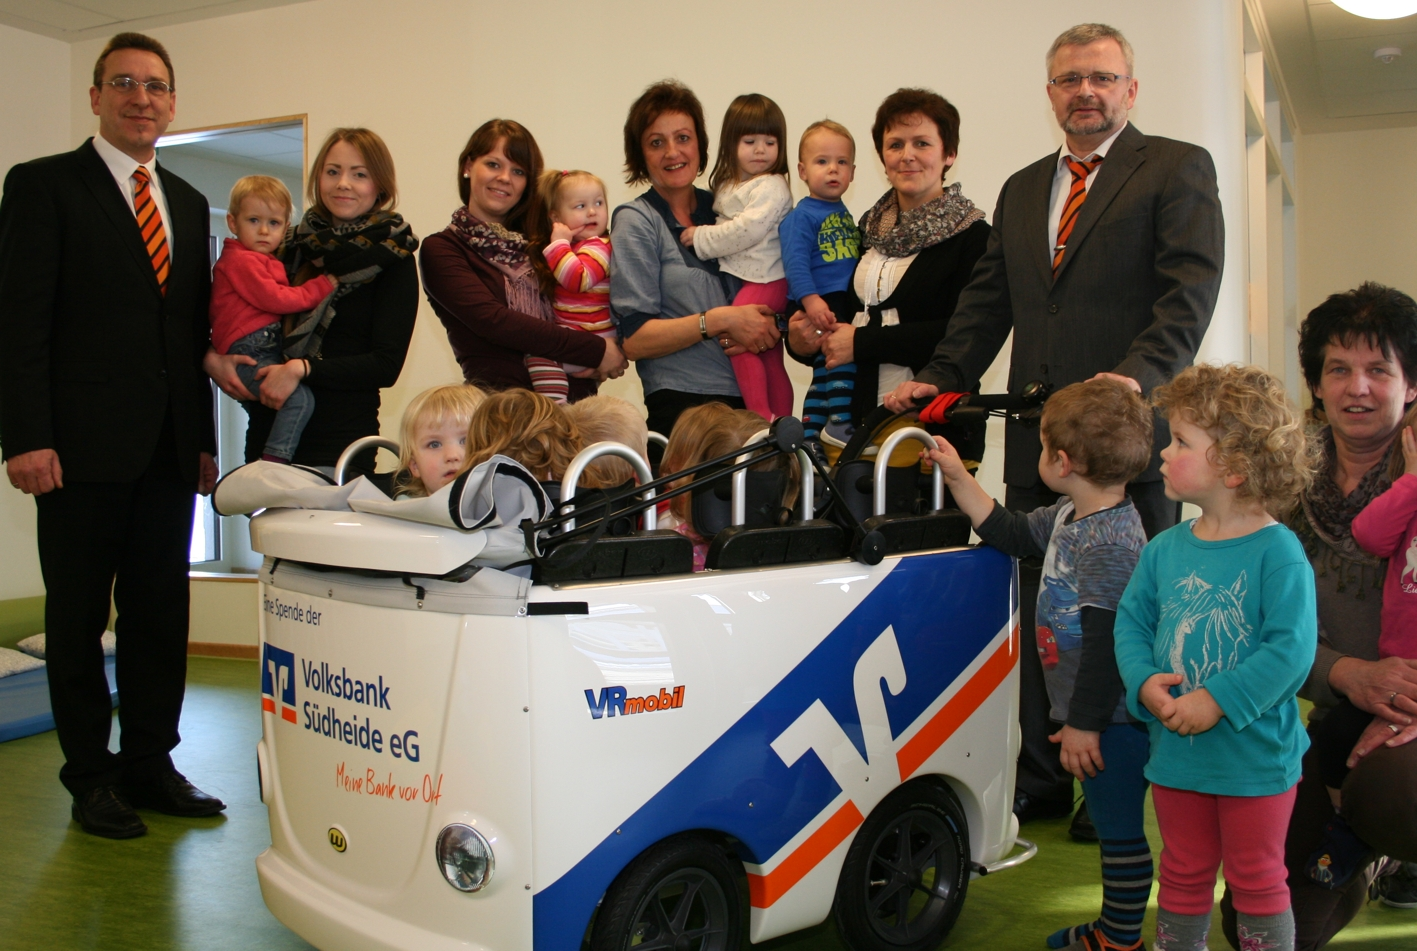 VR-Mobil Kinderbus für den Kindergarten Müden/Aller